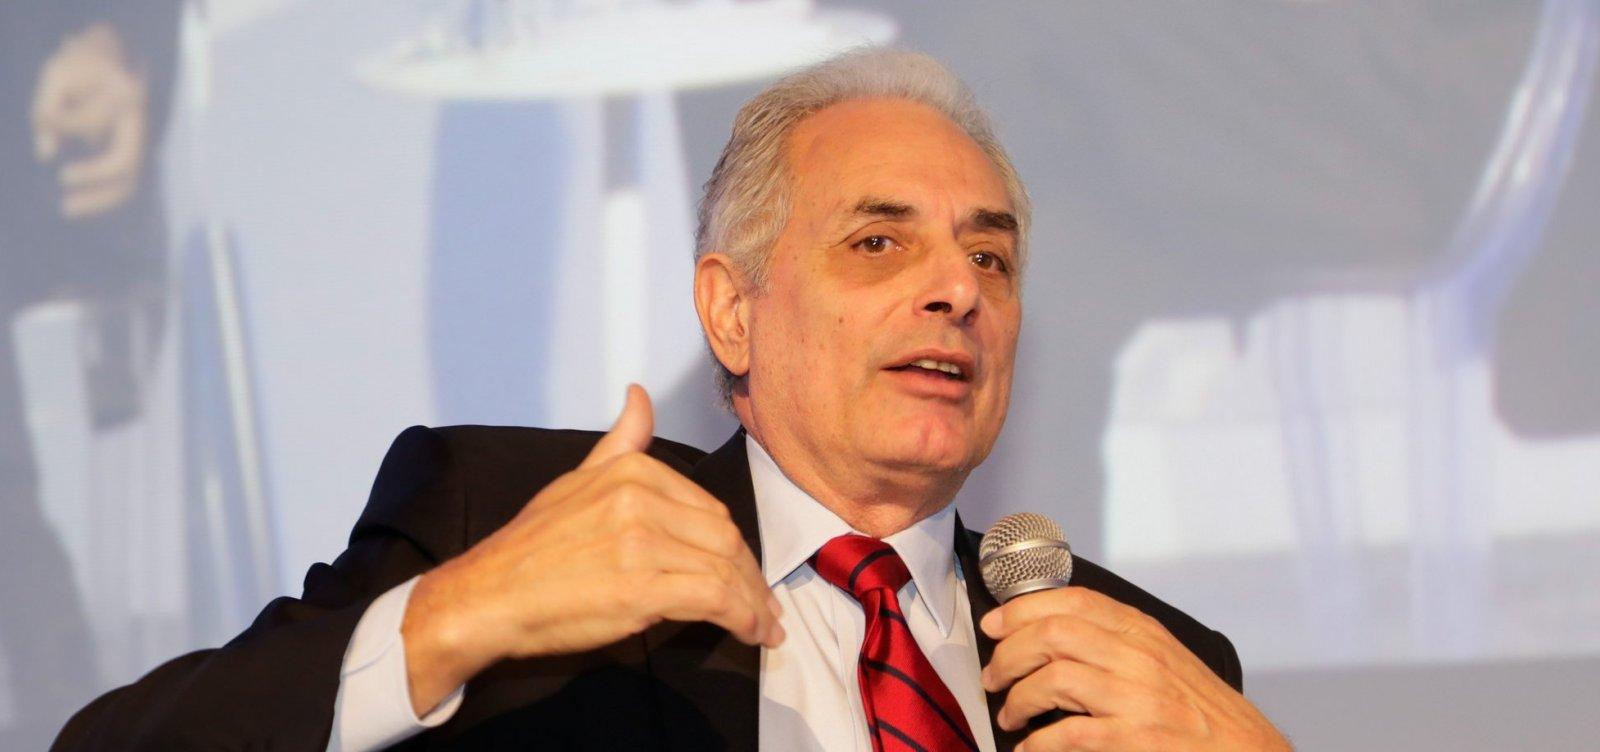 [Para Waack, eleição foi marcada por 'guerra cultural' e Bolsonaro terá que mudar discurso]